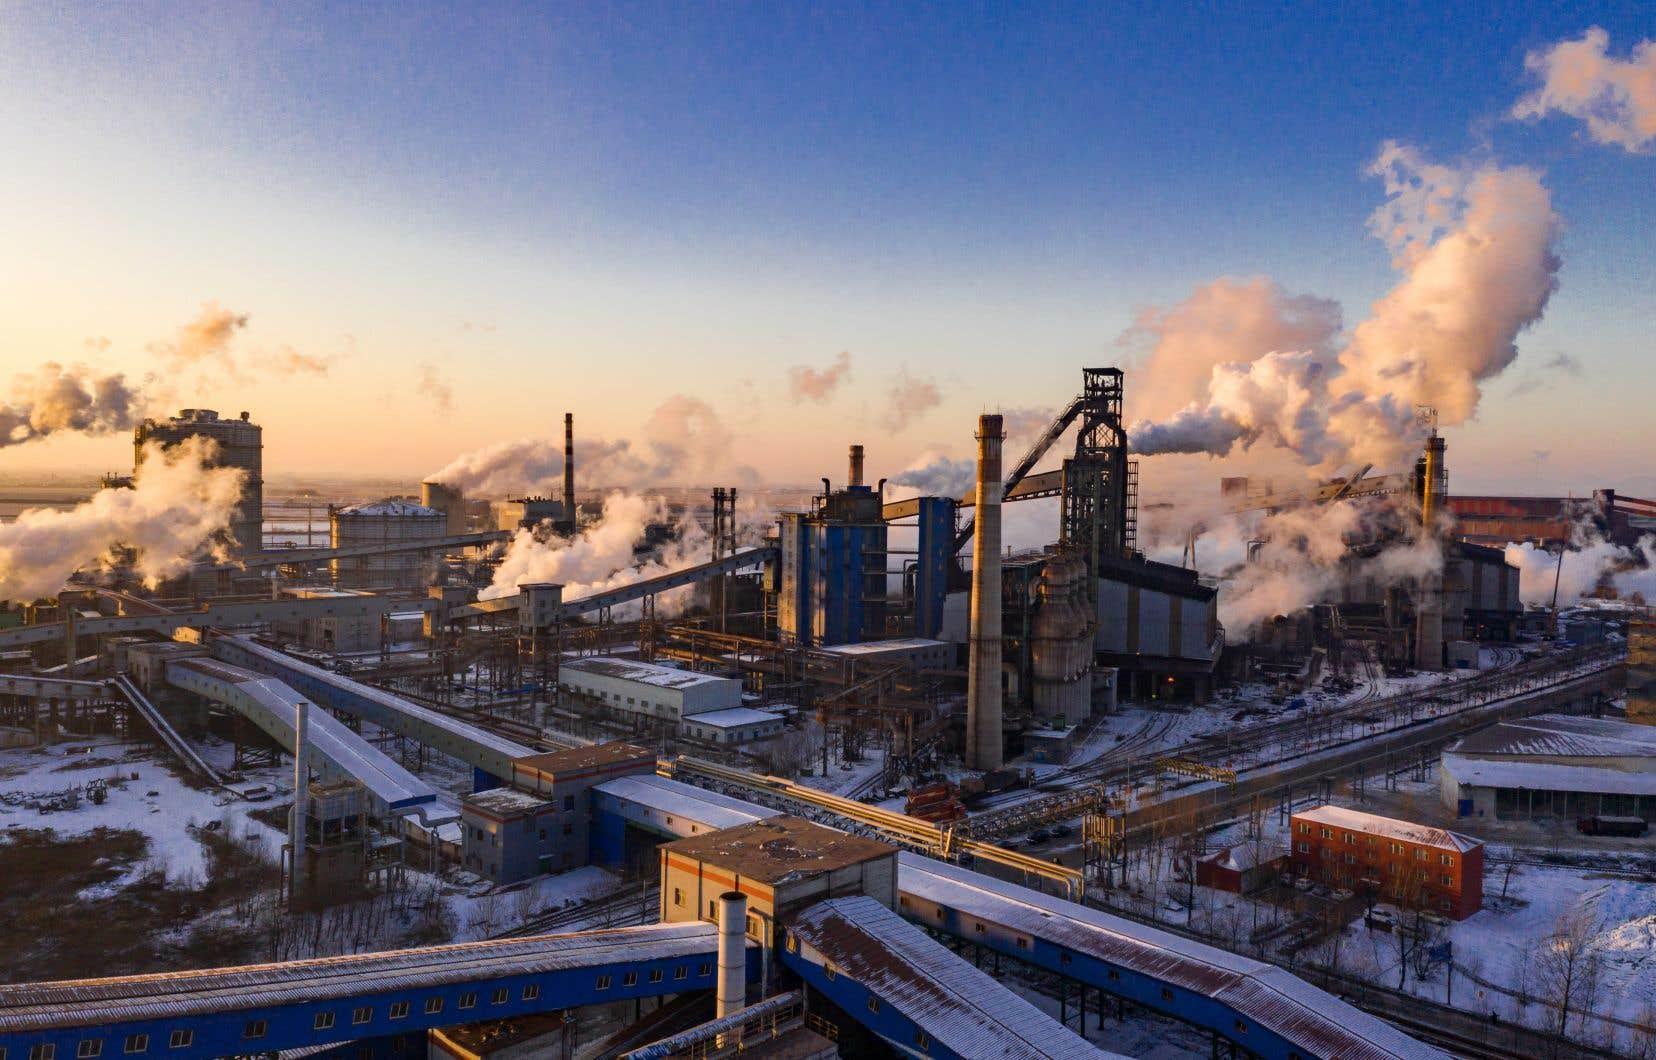 «Les conclusions d'études scientifiques récentes sont unanimes, remarque l'auteur du texte: quand il y a croissance du PIB, il y a croissance de la quantité de matière et d'énergie consommées, et de déchets produits.»